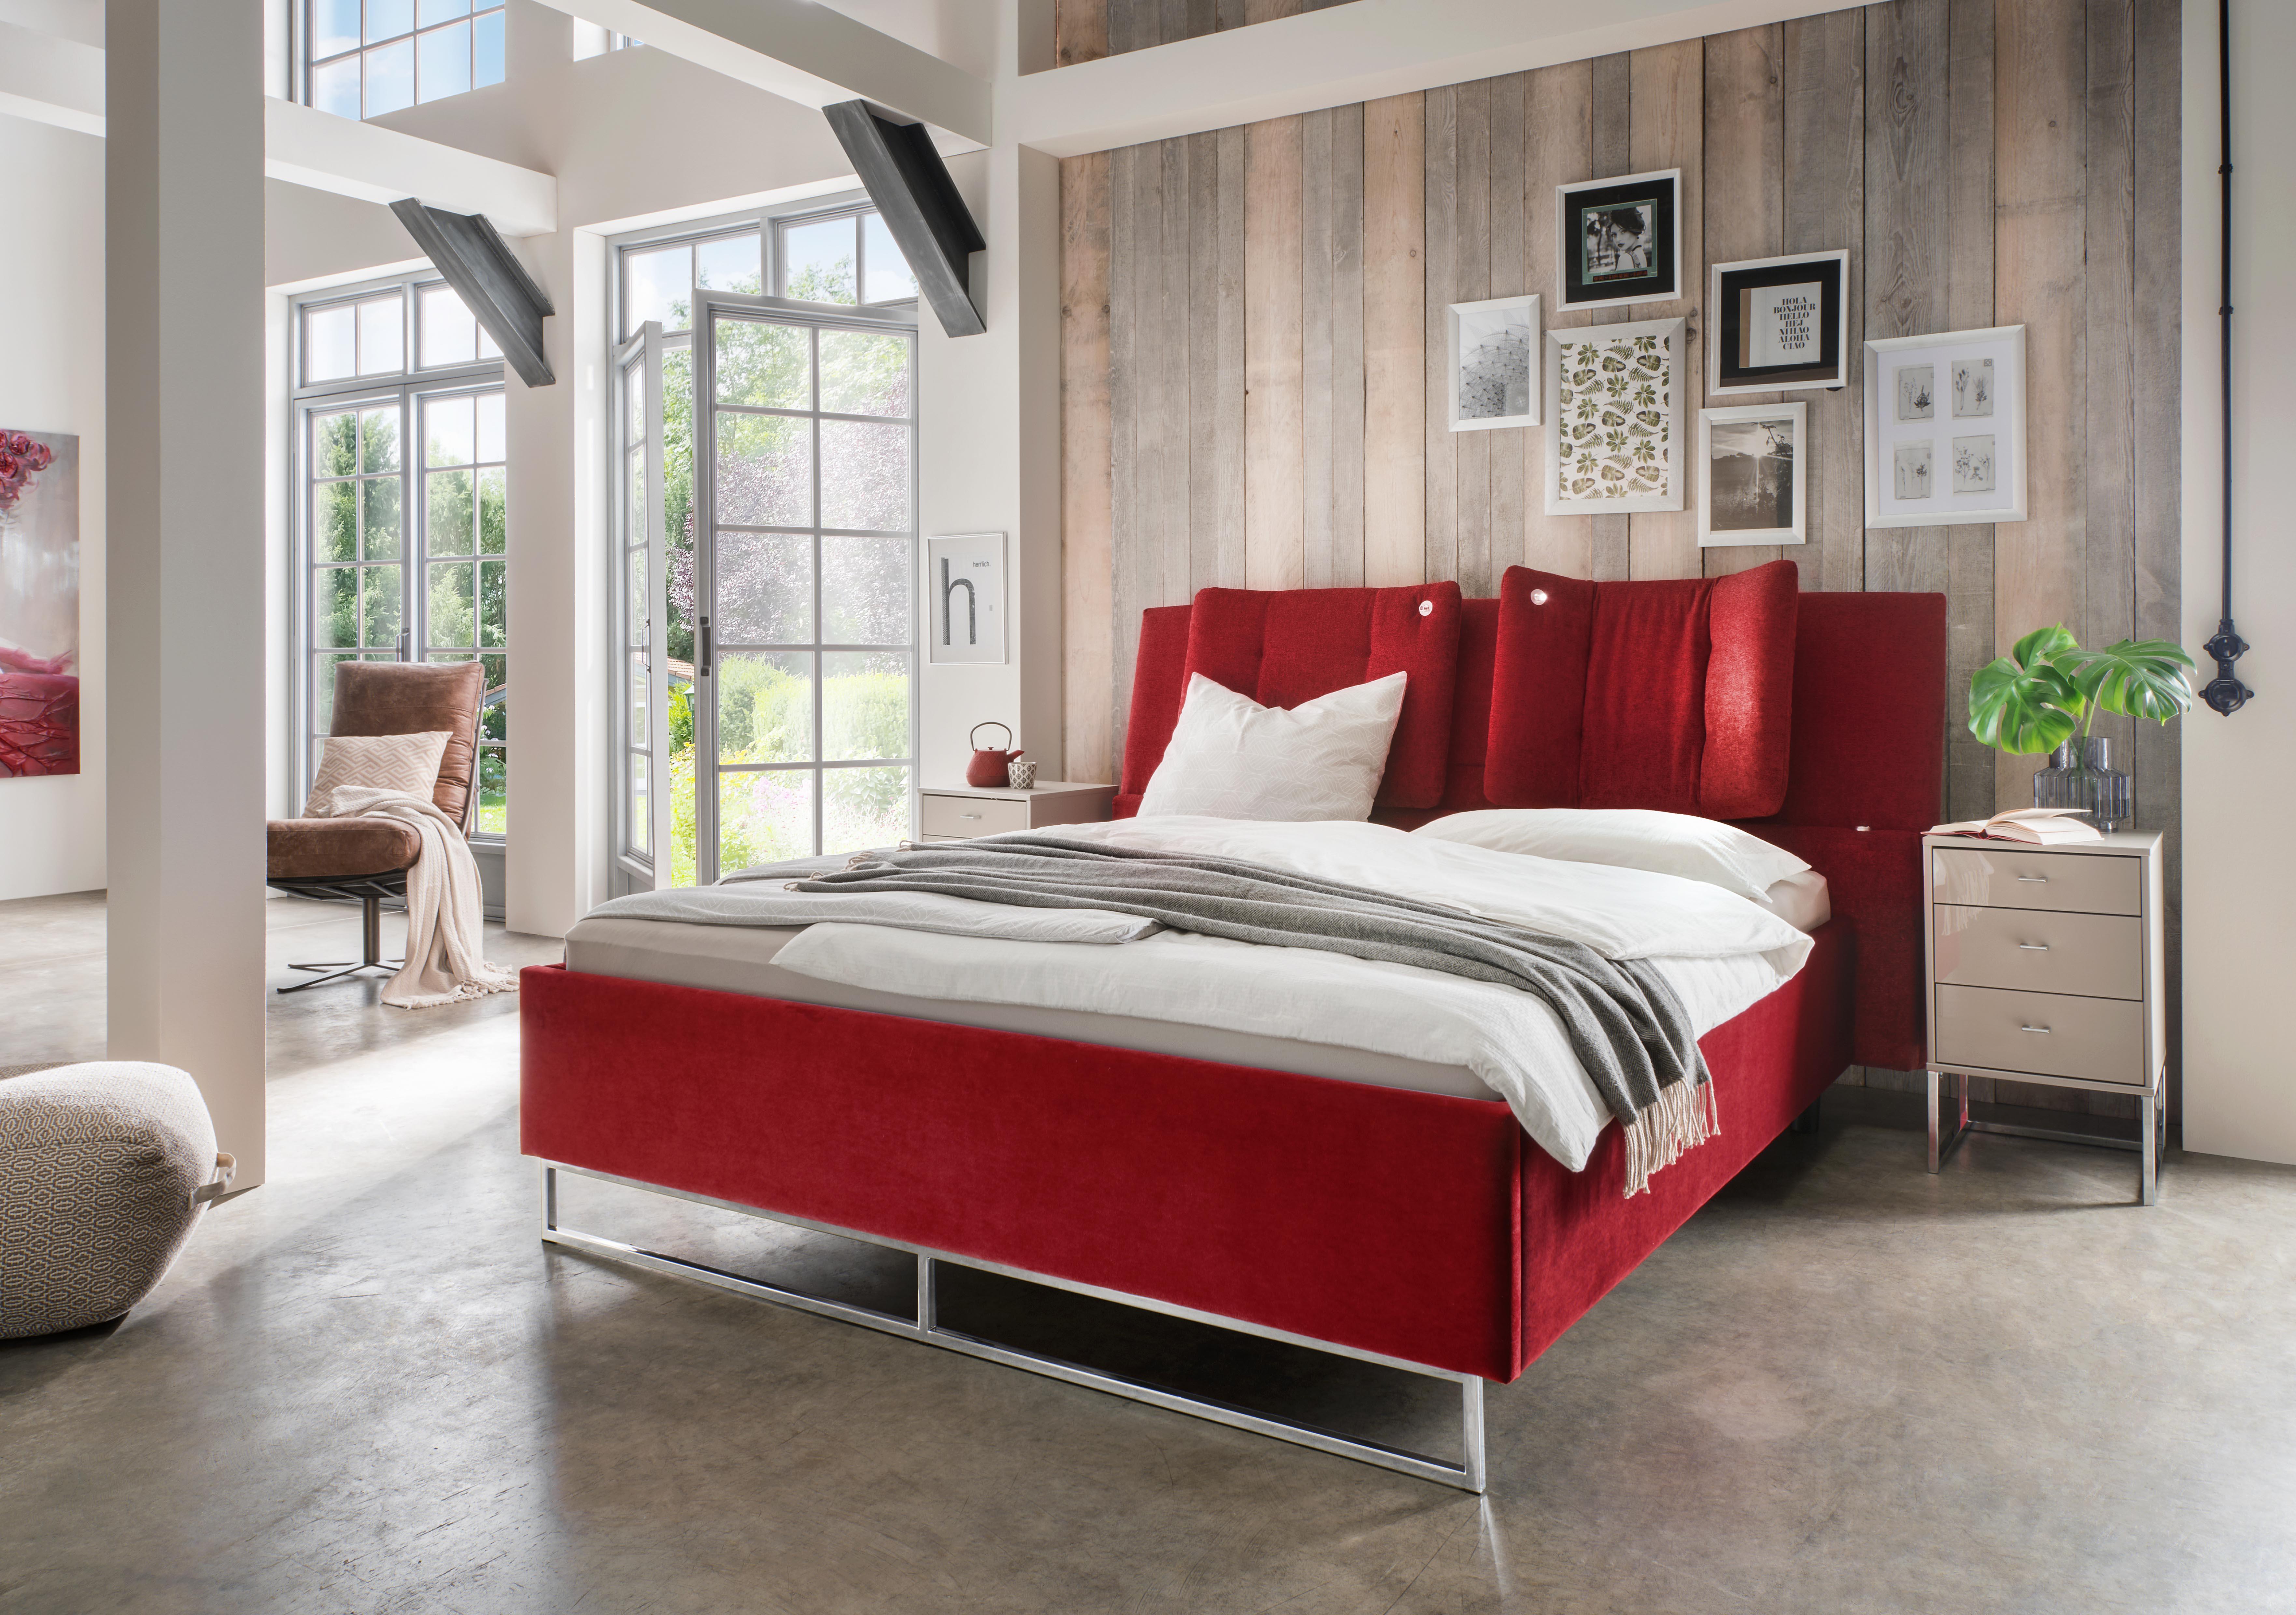 Polster-Betten